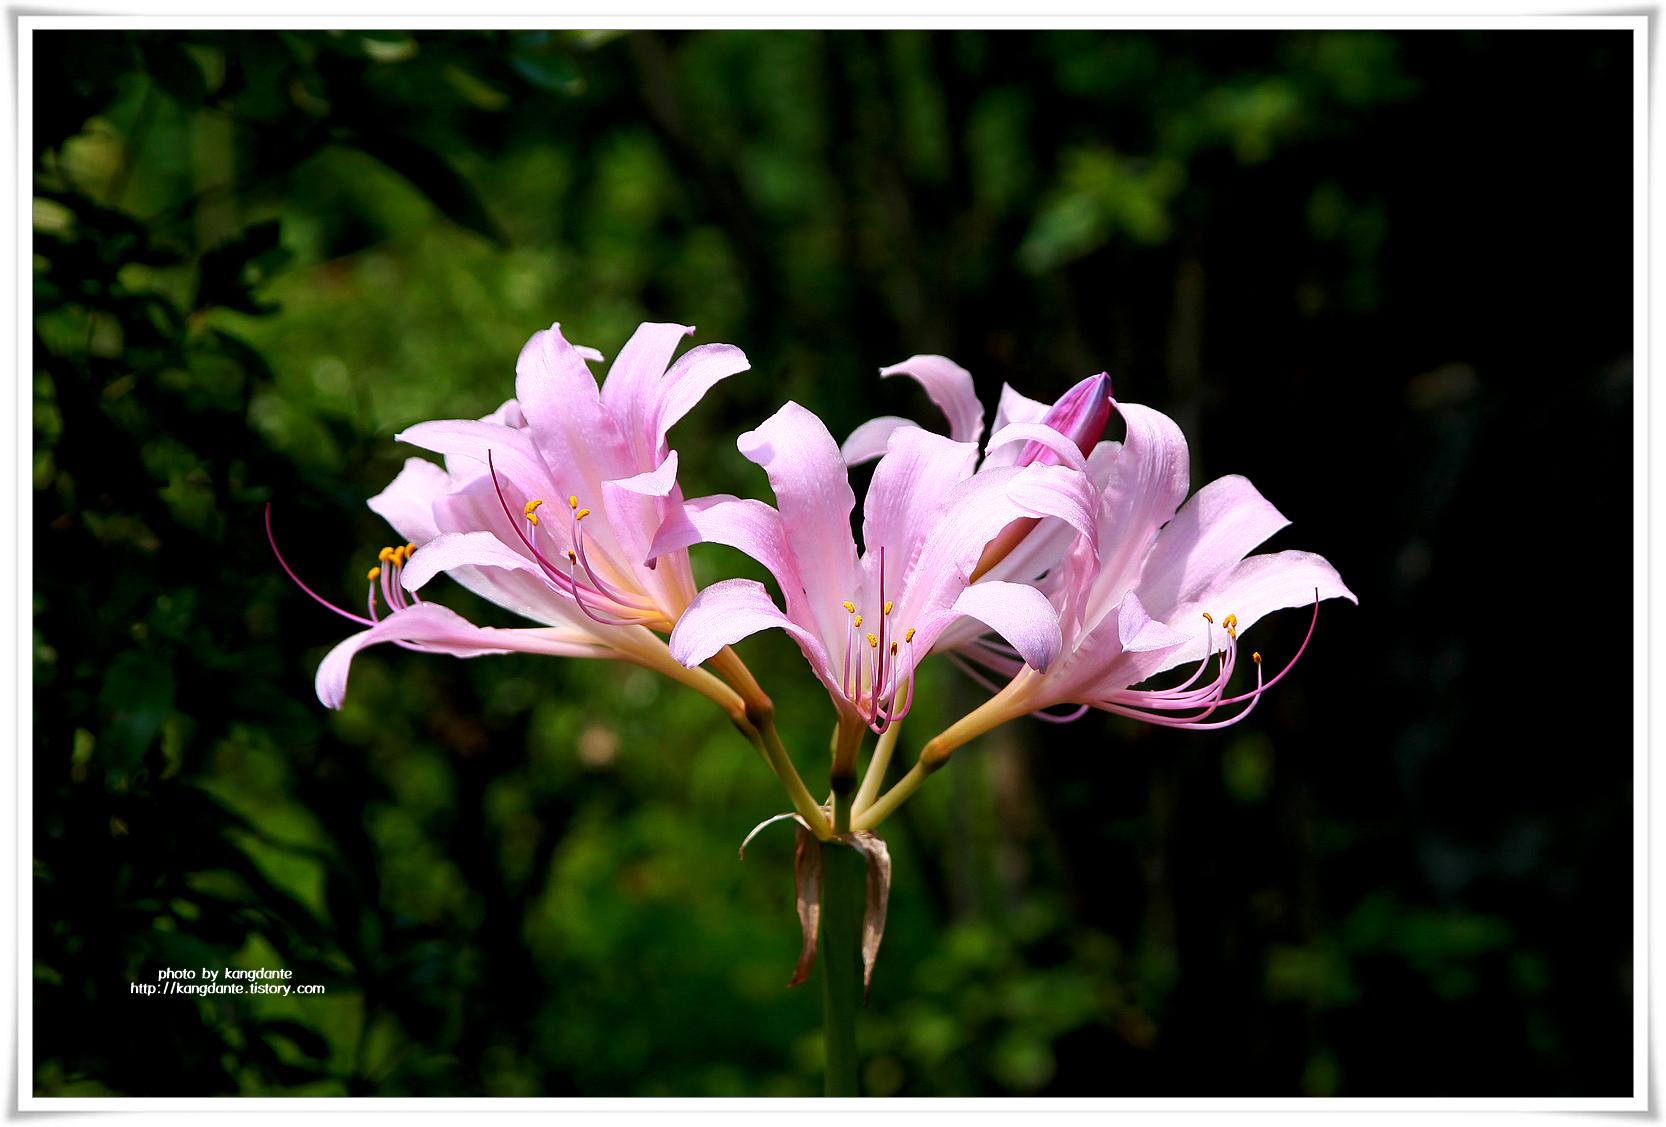 그리움을 간직한 꽃, 상사화(相思花)